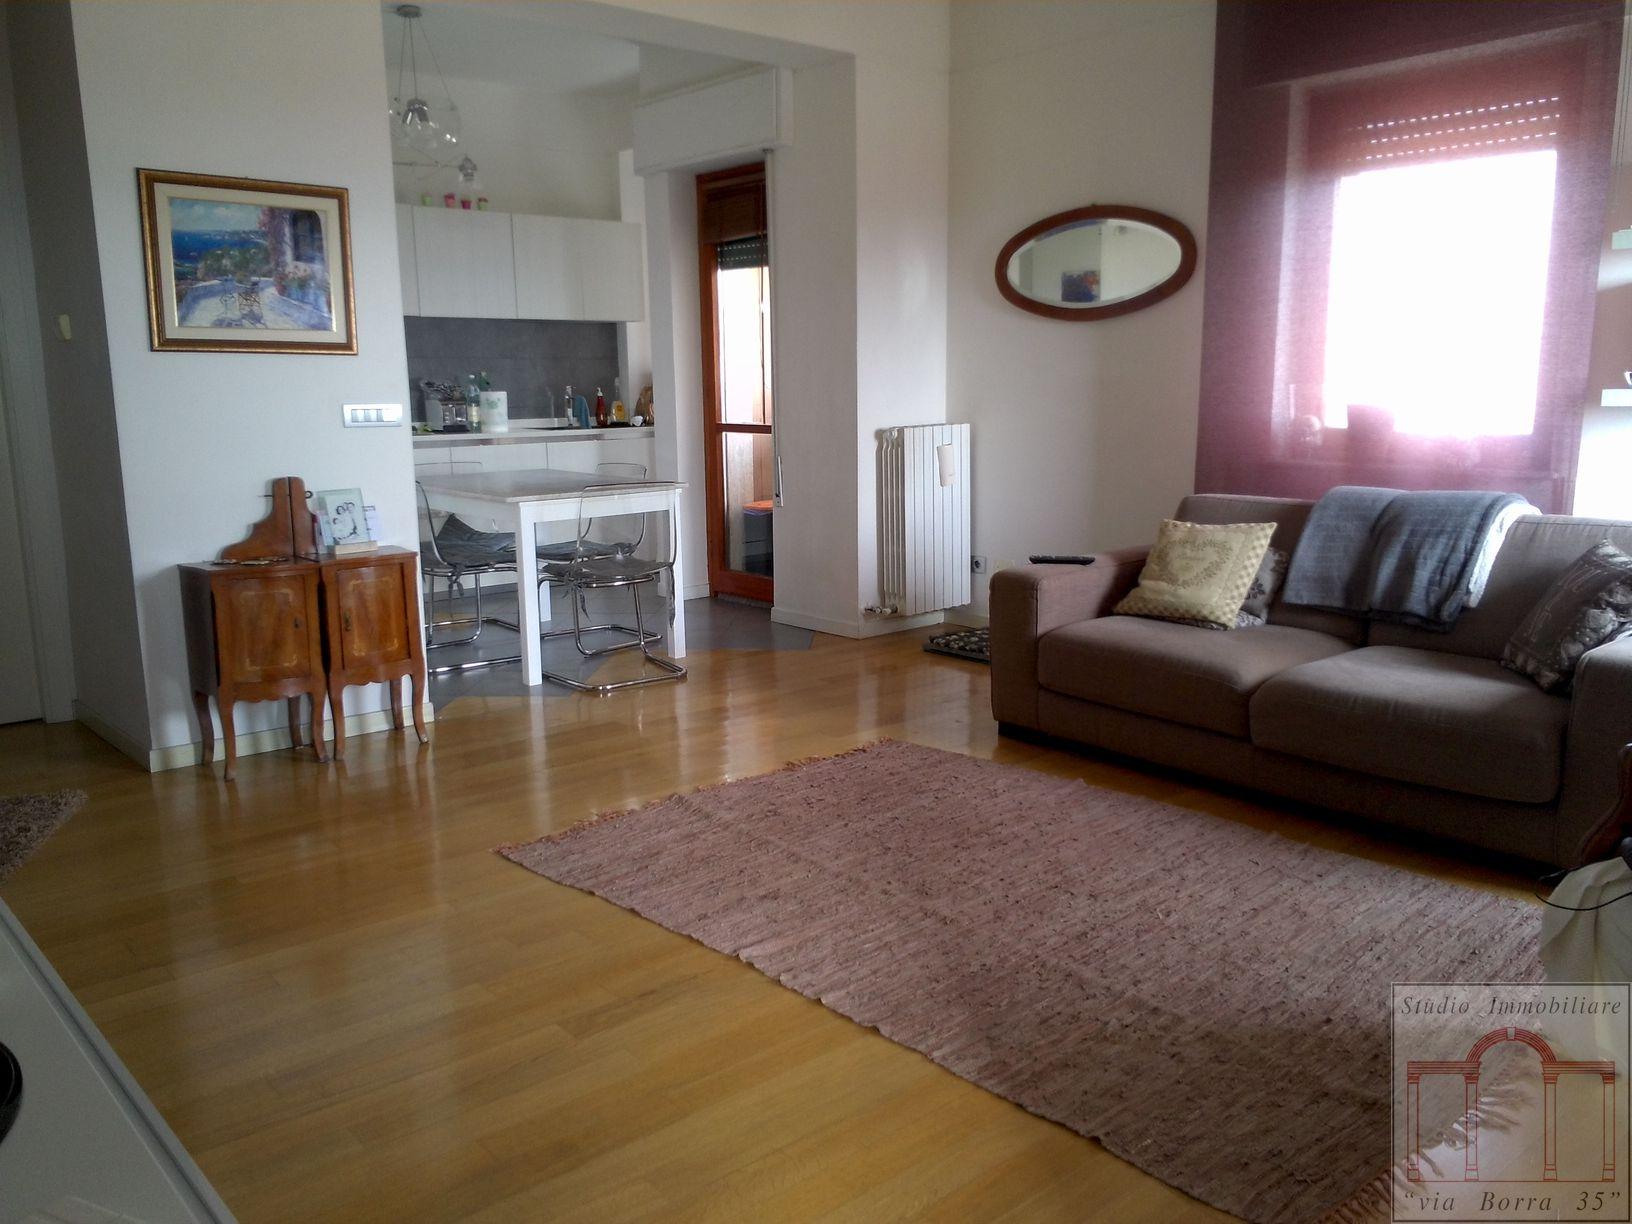 Appartamento in vendita a Livorno, 4 locali, zona Località: Centroresidenziale, prezzo € 220.000   Cambio Casa.it